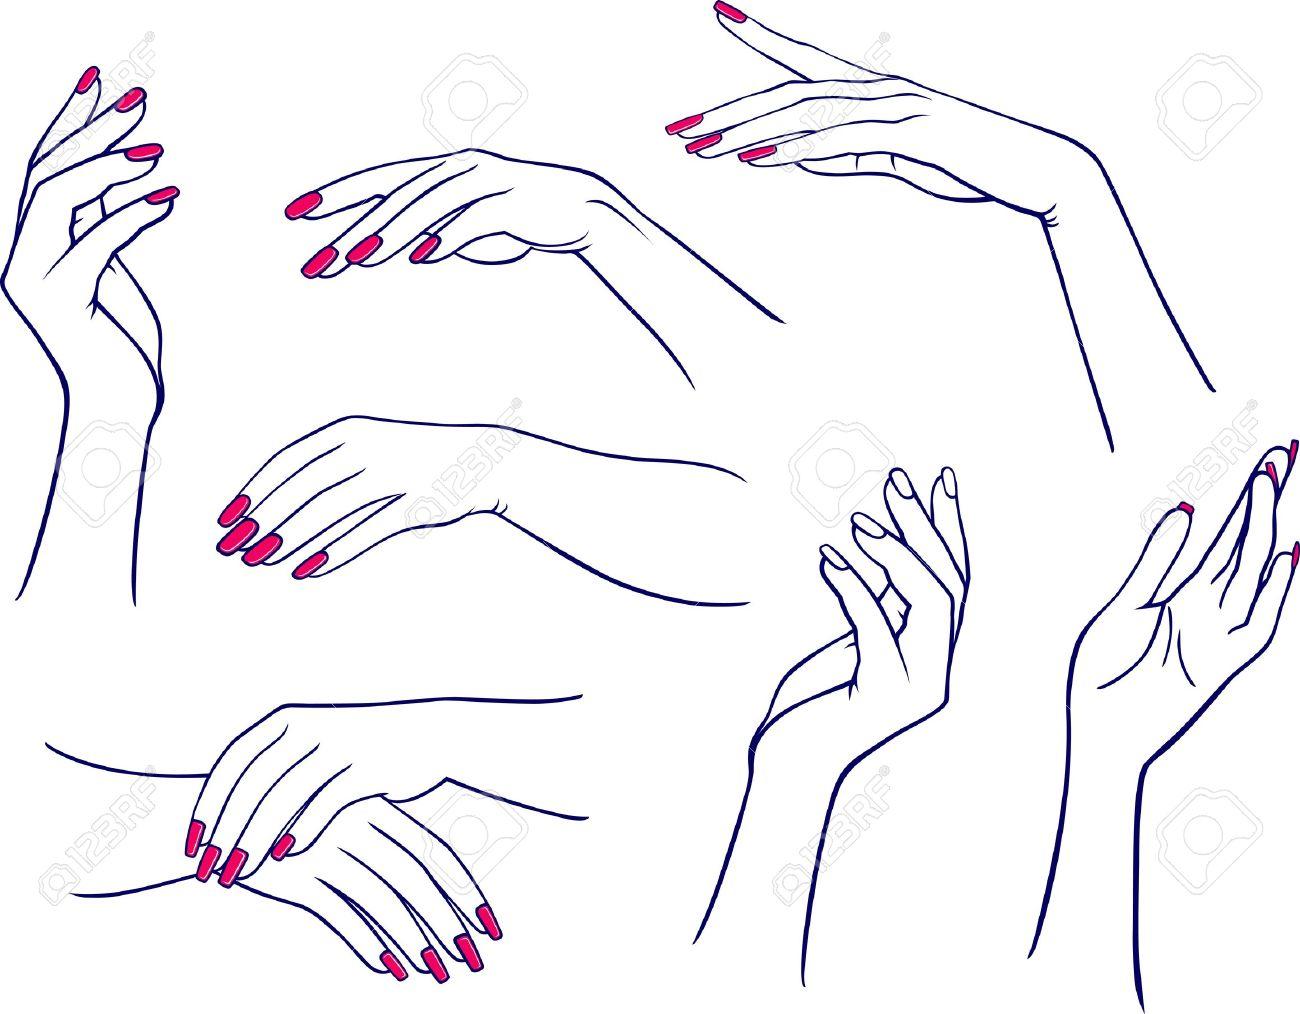 Woman hands - 11357814